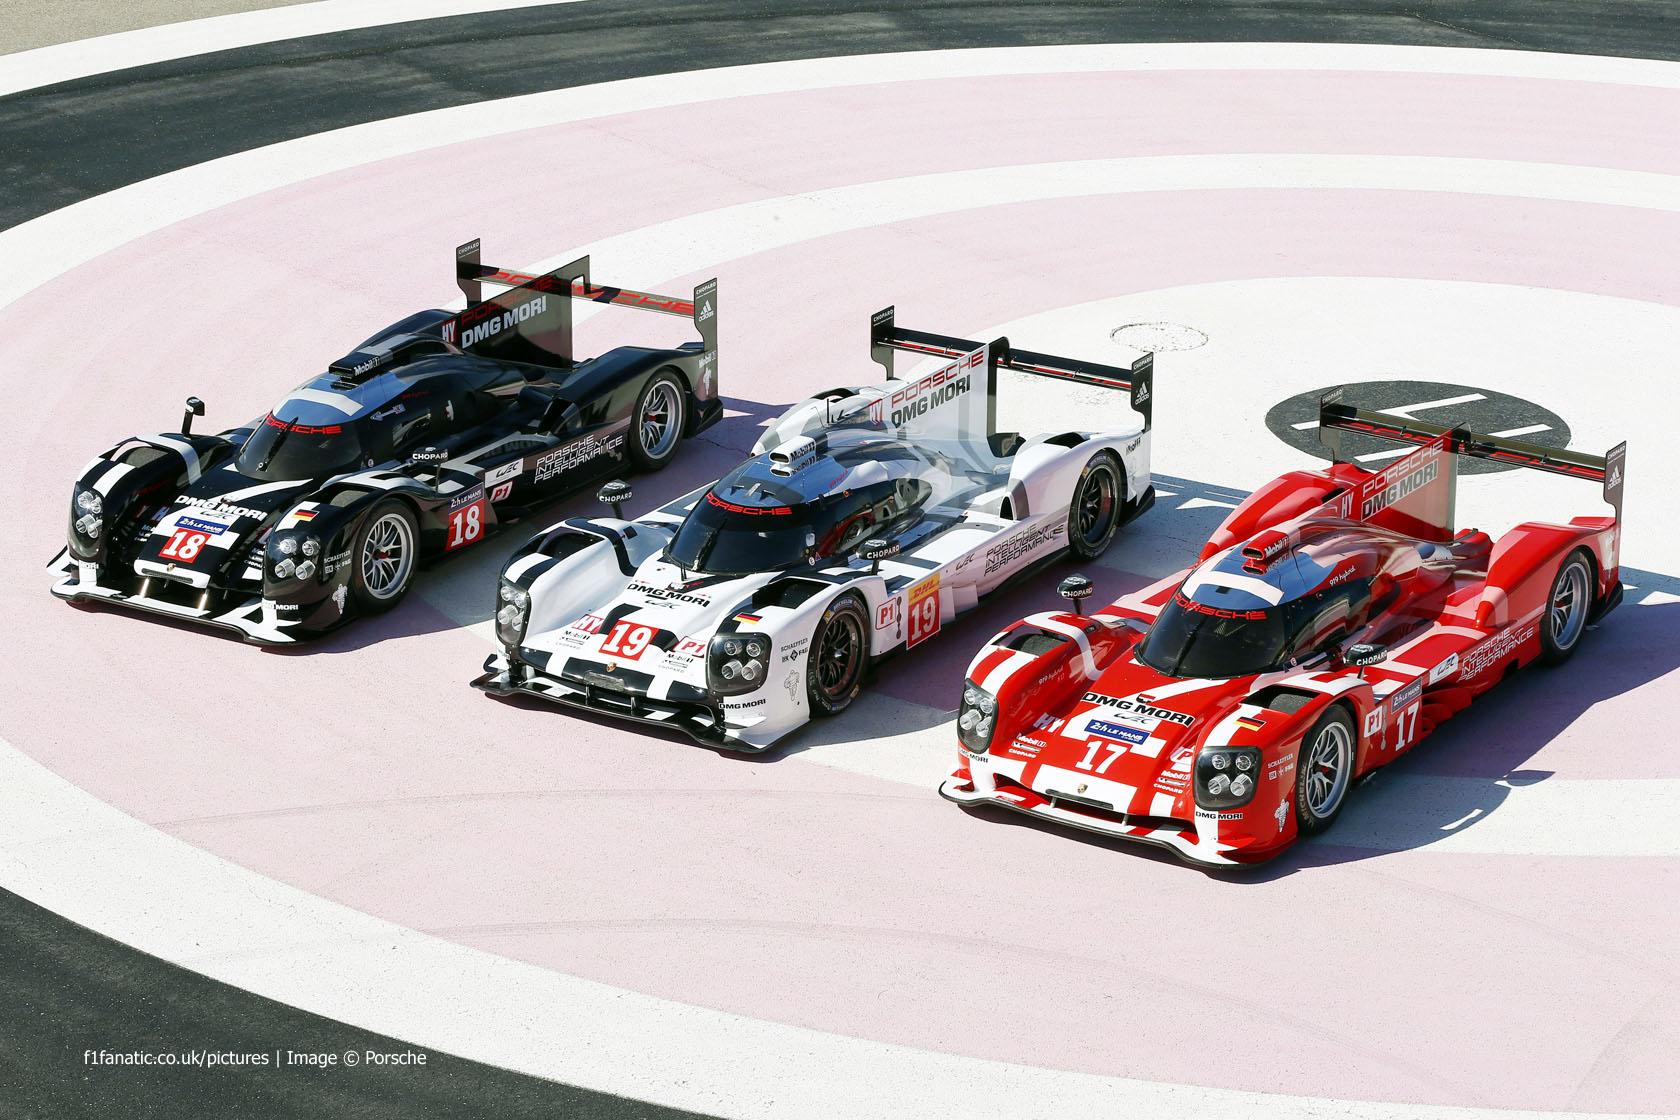 Porsche 919 Hybrids in 2015 Le Mans colors